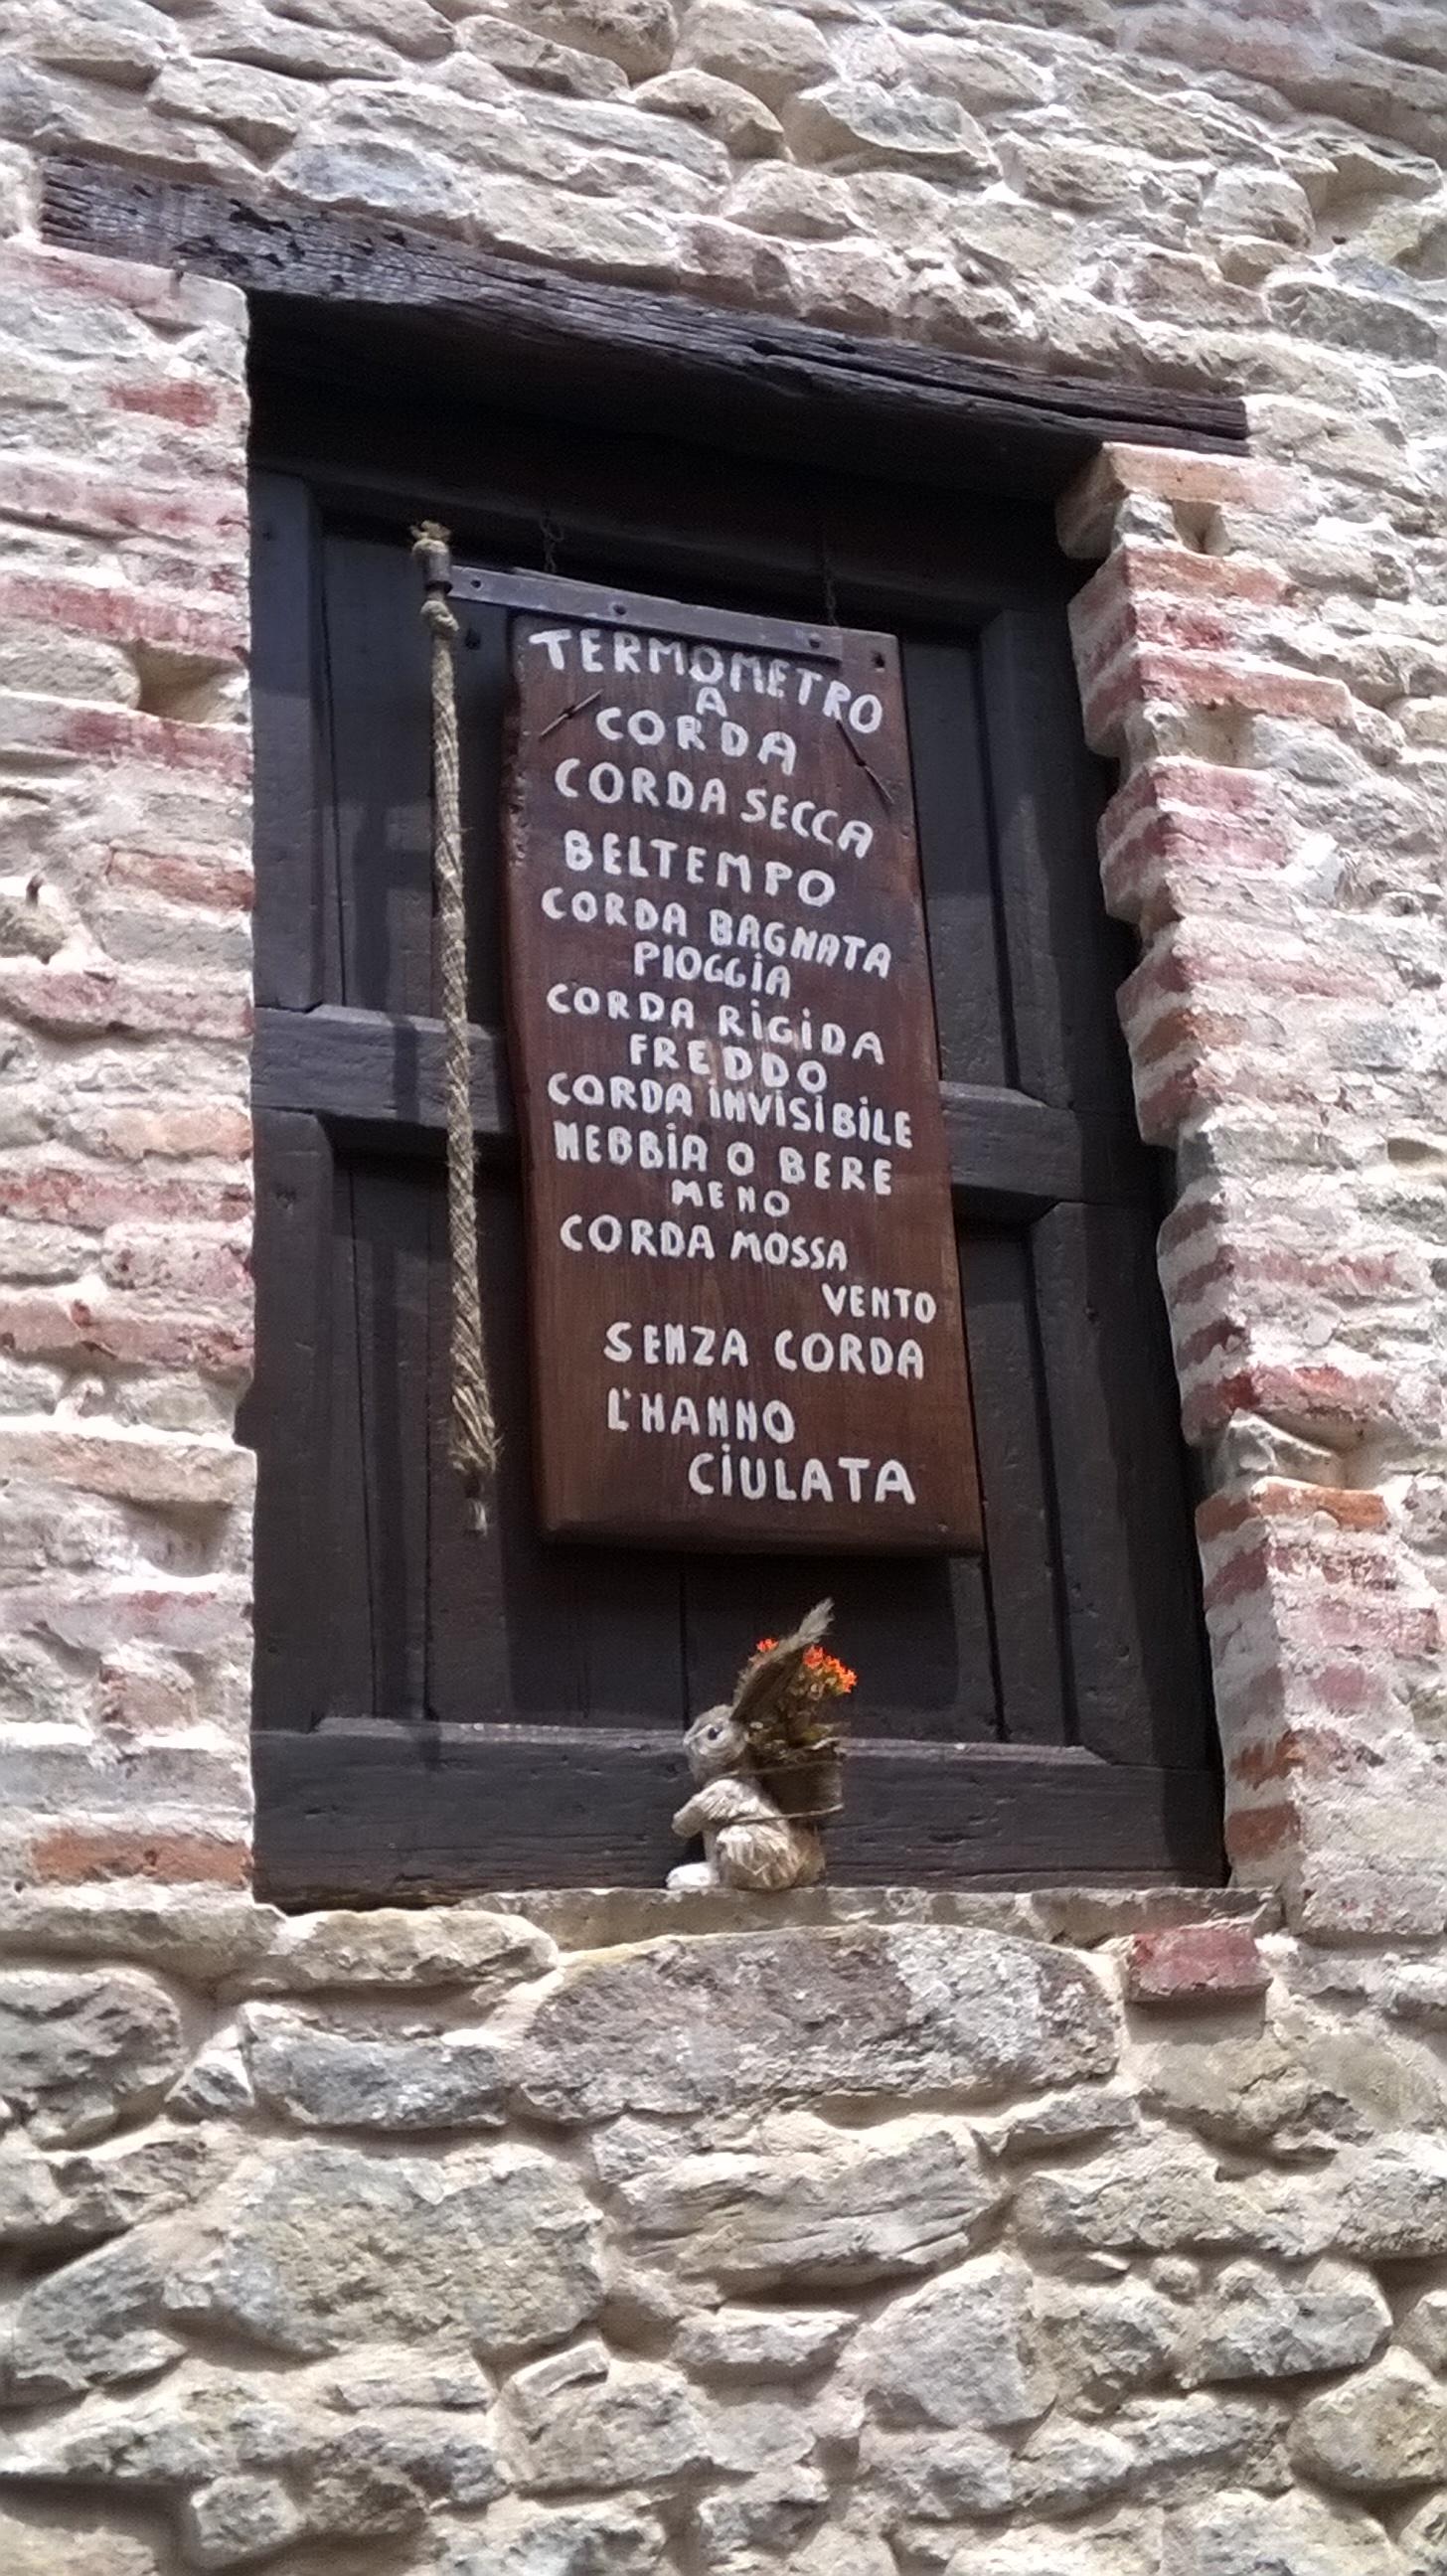 Basso Piemonte Luglio 2018-wp_20180624_13_34_50_pro.jpg